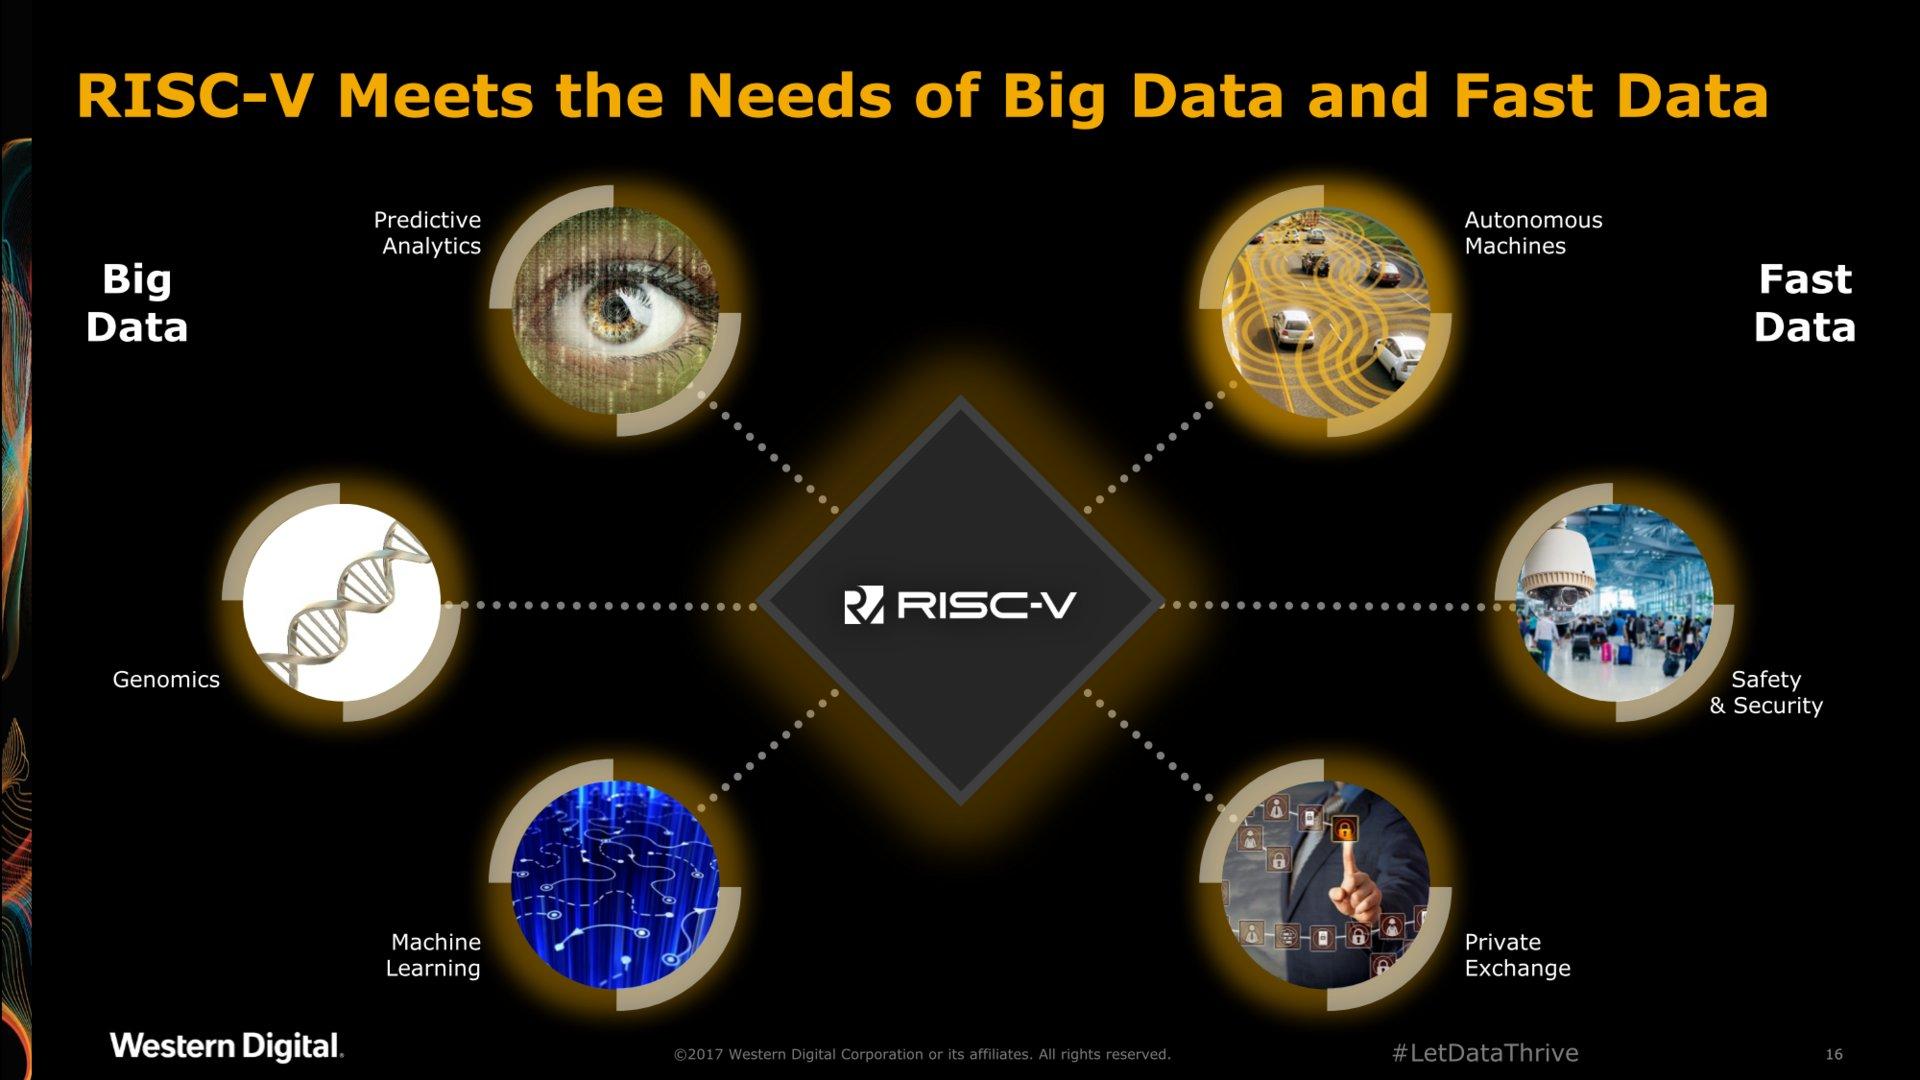 Einsatzgebiete für RISC-V